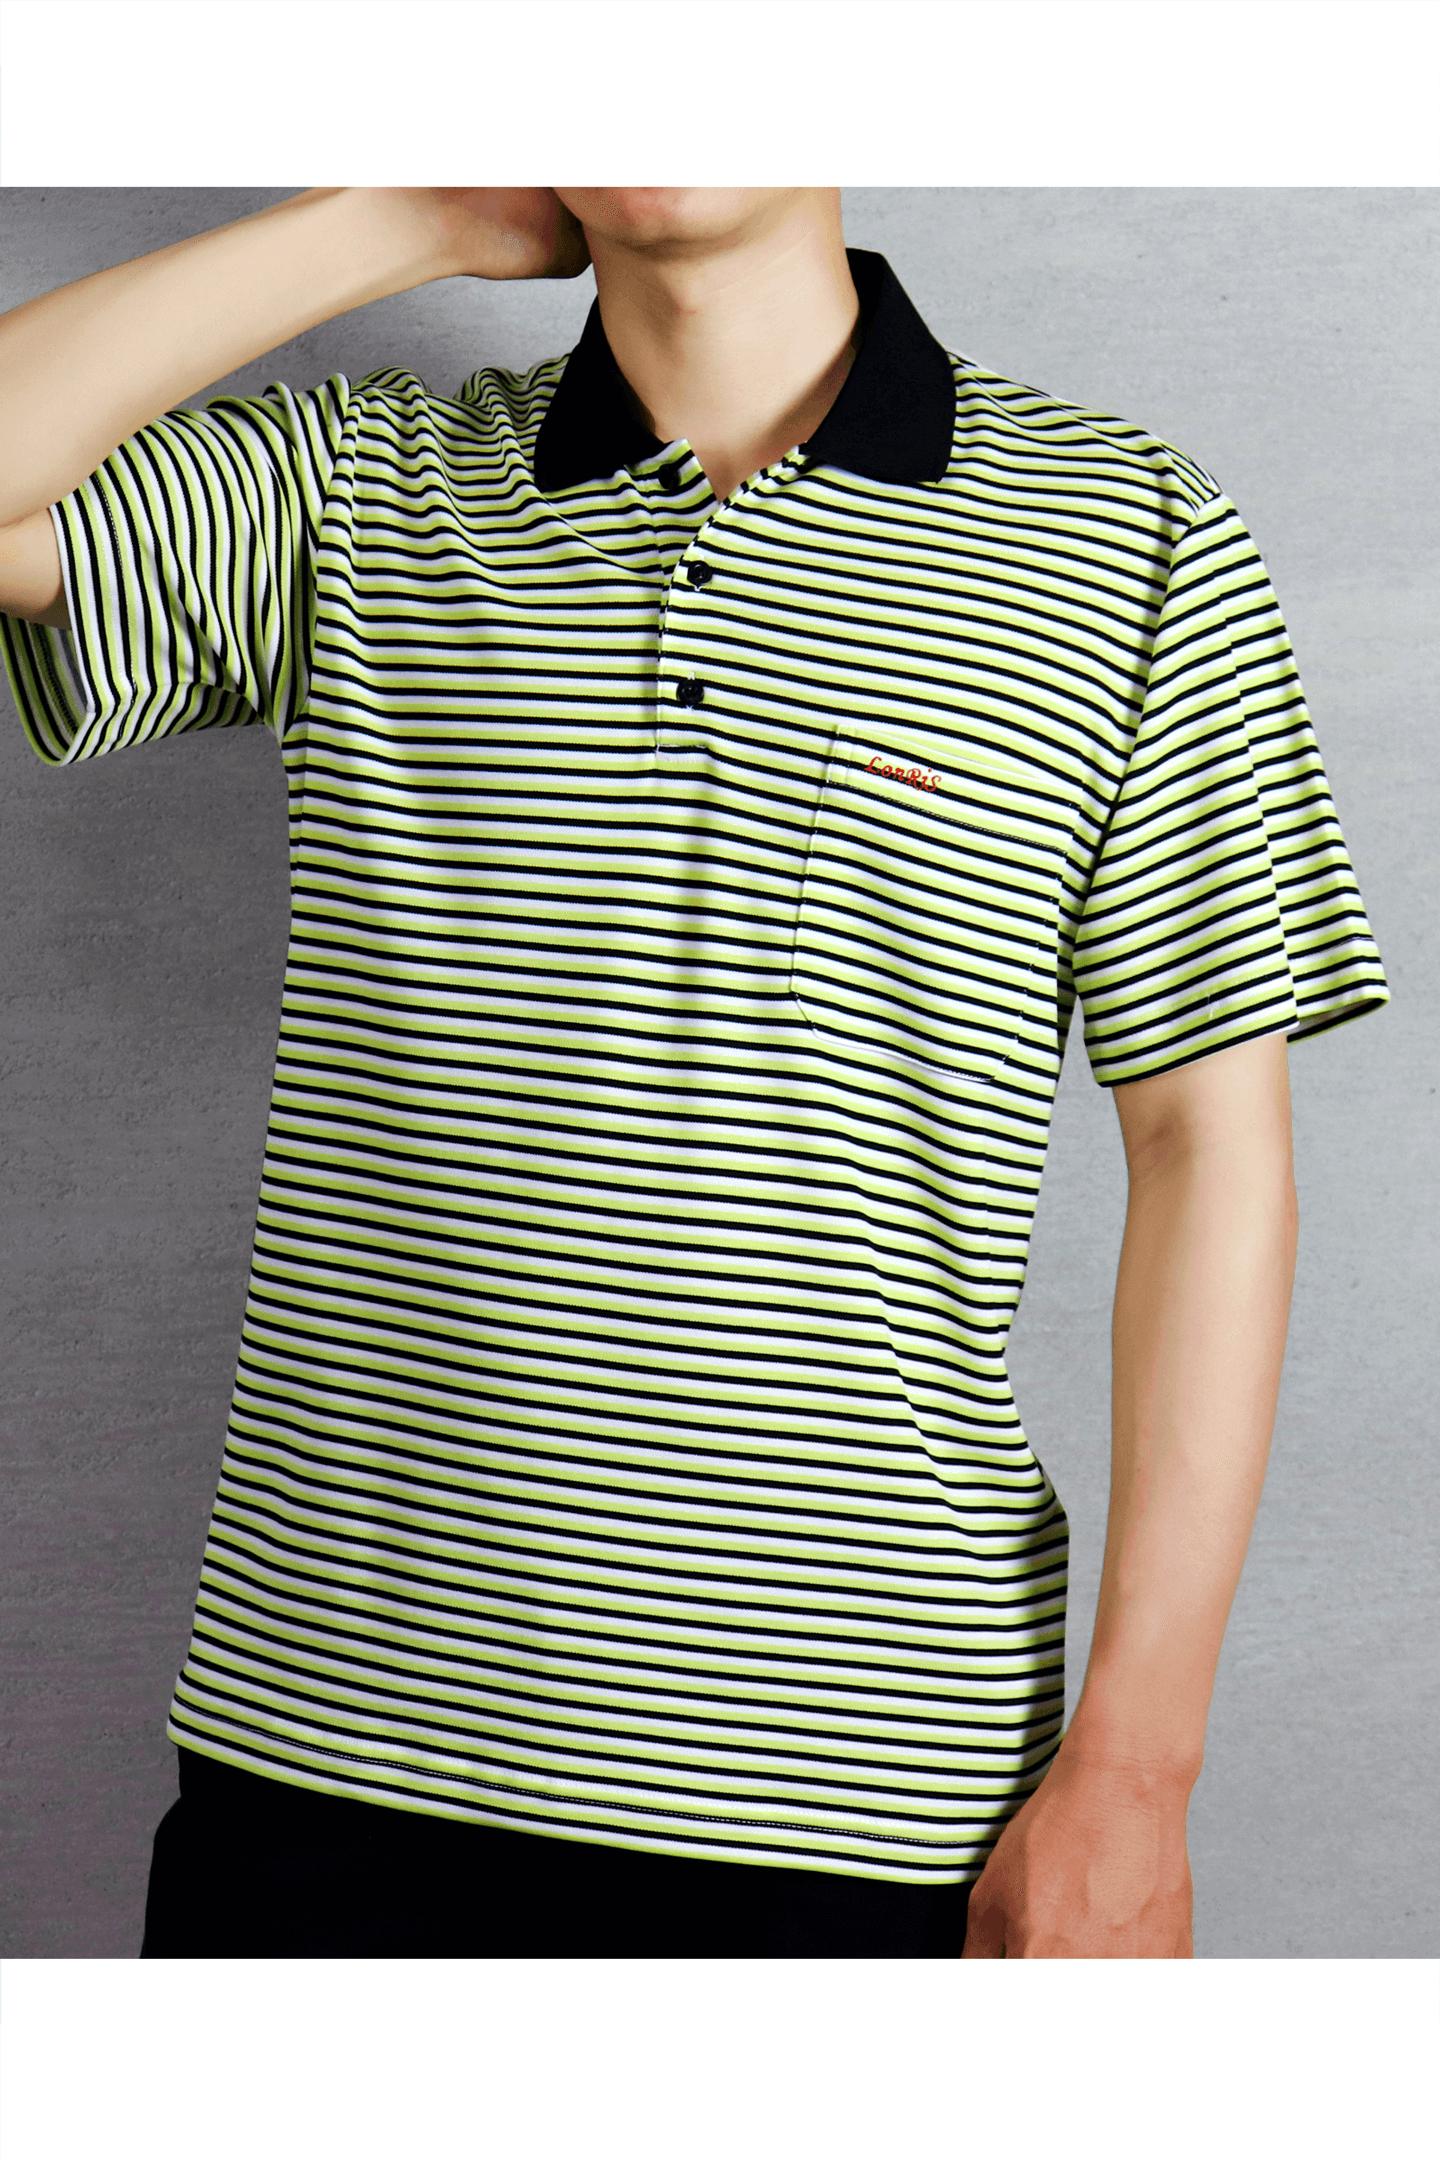 綠黑條紋短袖POLO衫/吸濕排汗 速乾